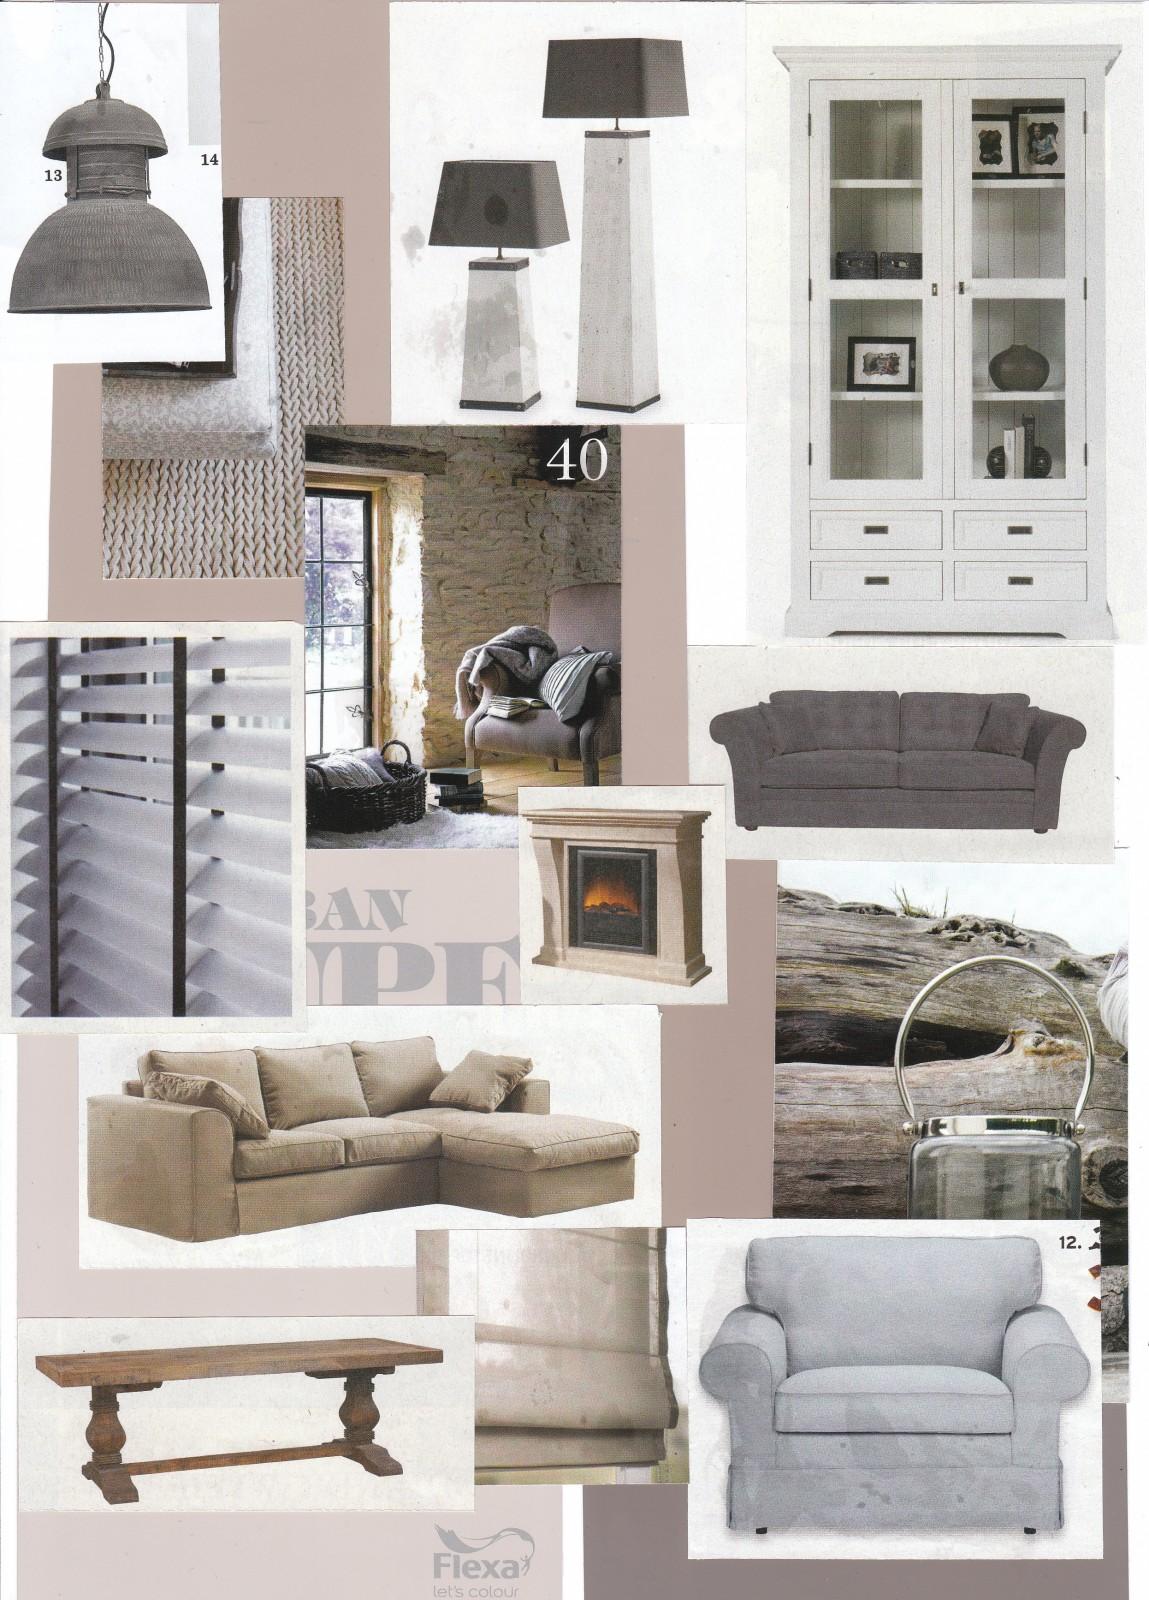 Woonkamer design voorbeelden beste inspiratie voor for Interieur woonkamer voorbeelden